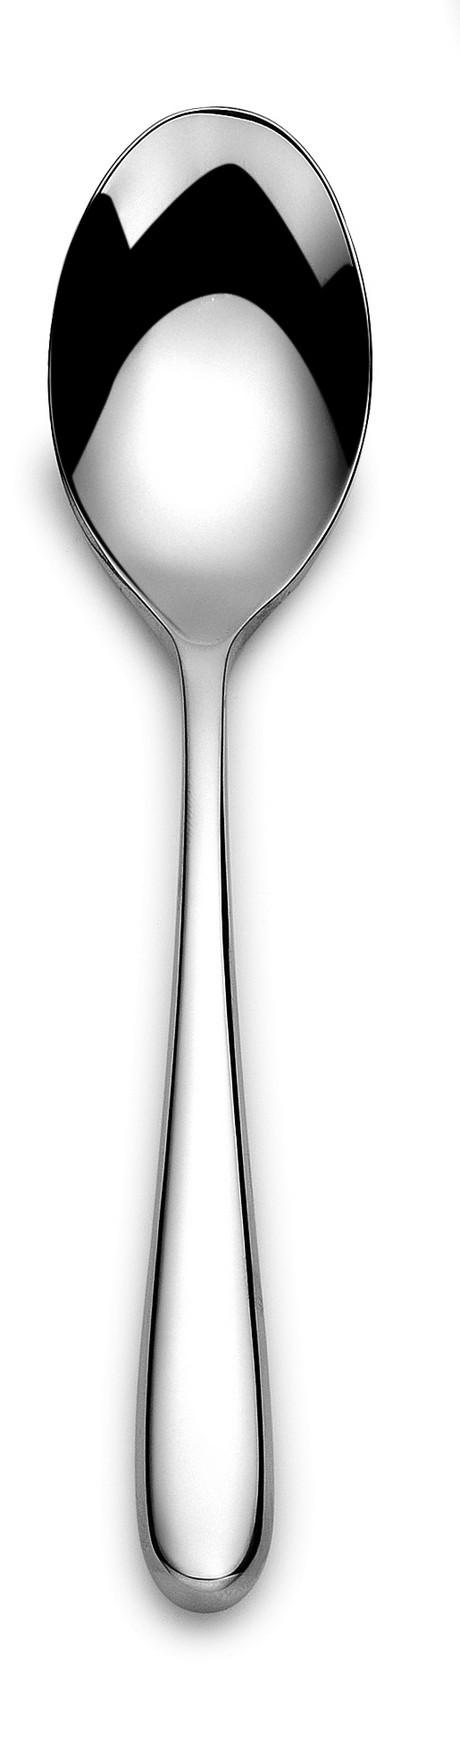 Buy the Elia Siena Tea spoon online at smithsofloughton.com